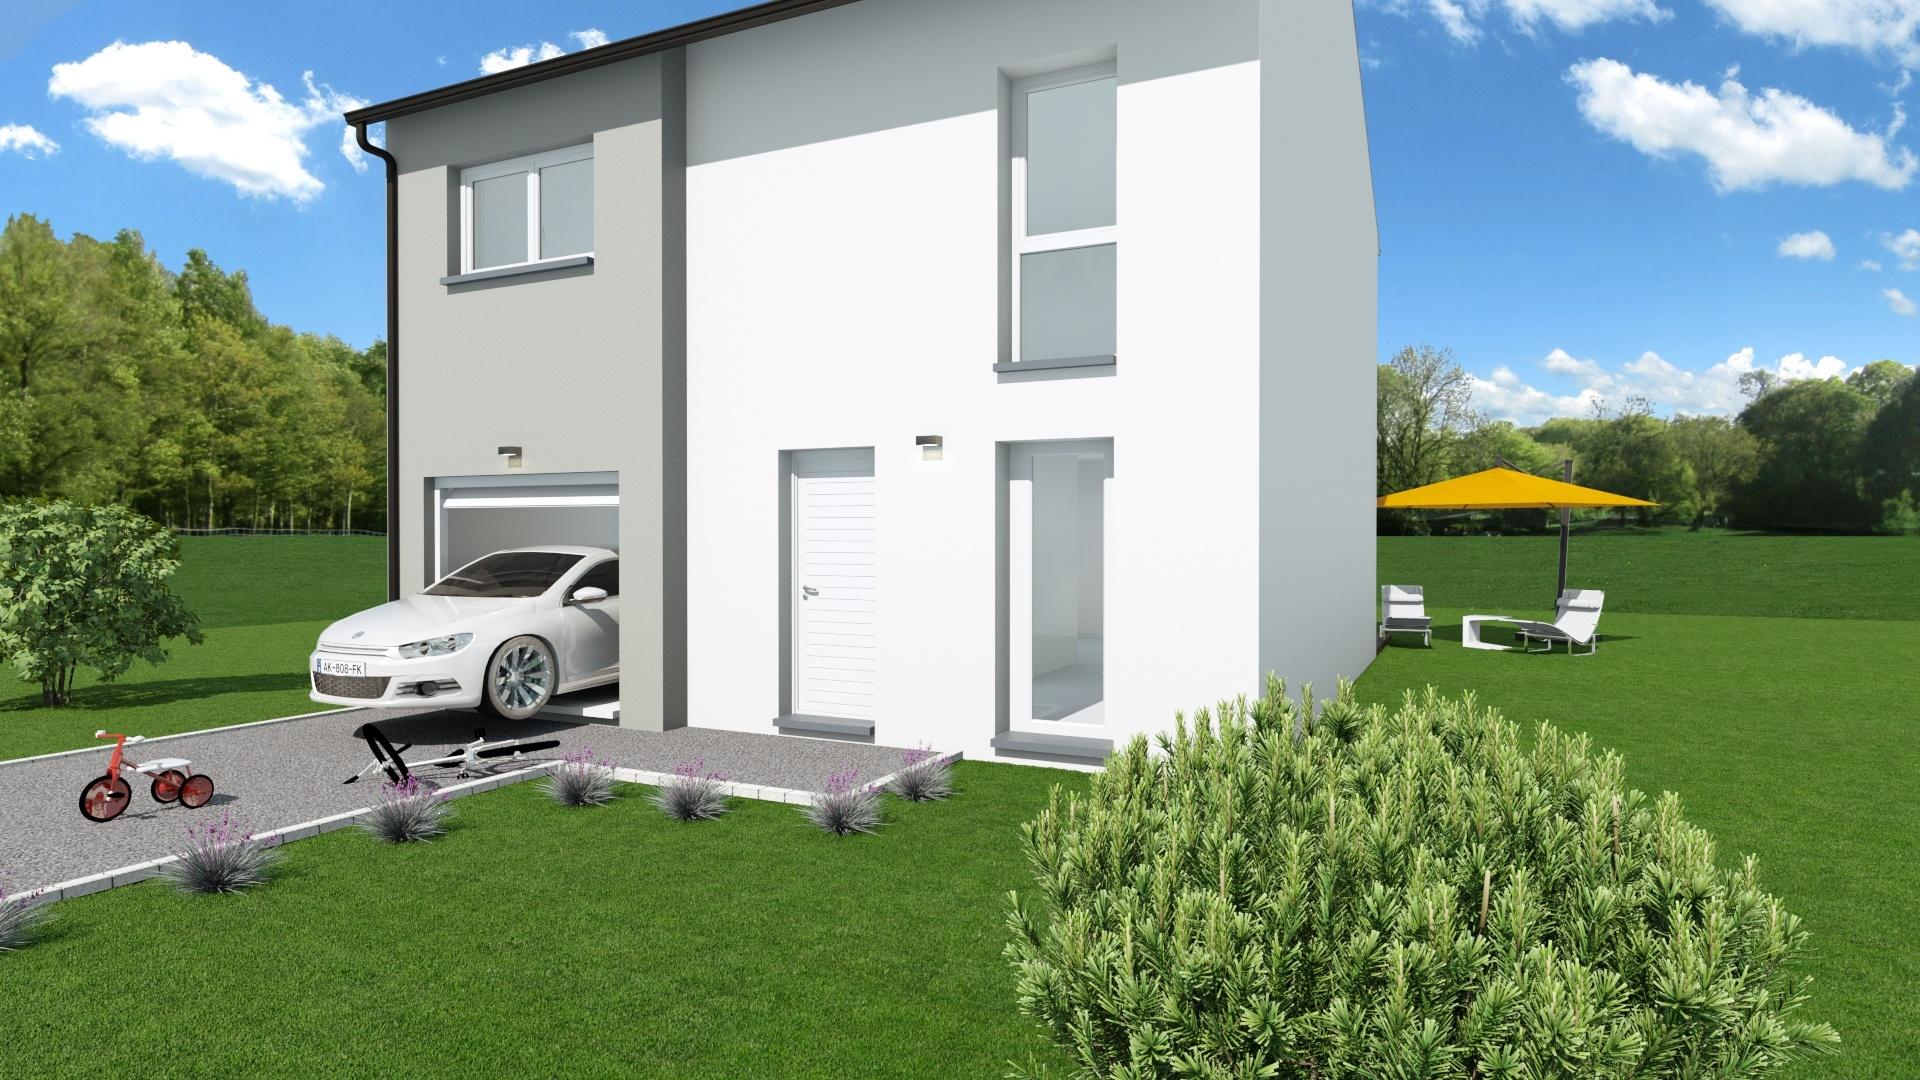 Maisons + Terrains du constructeur MAISON EUREKA • 90 m² • DENAIN